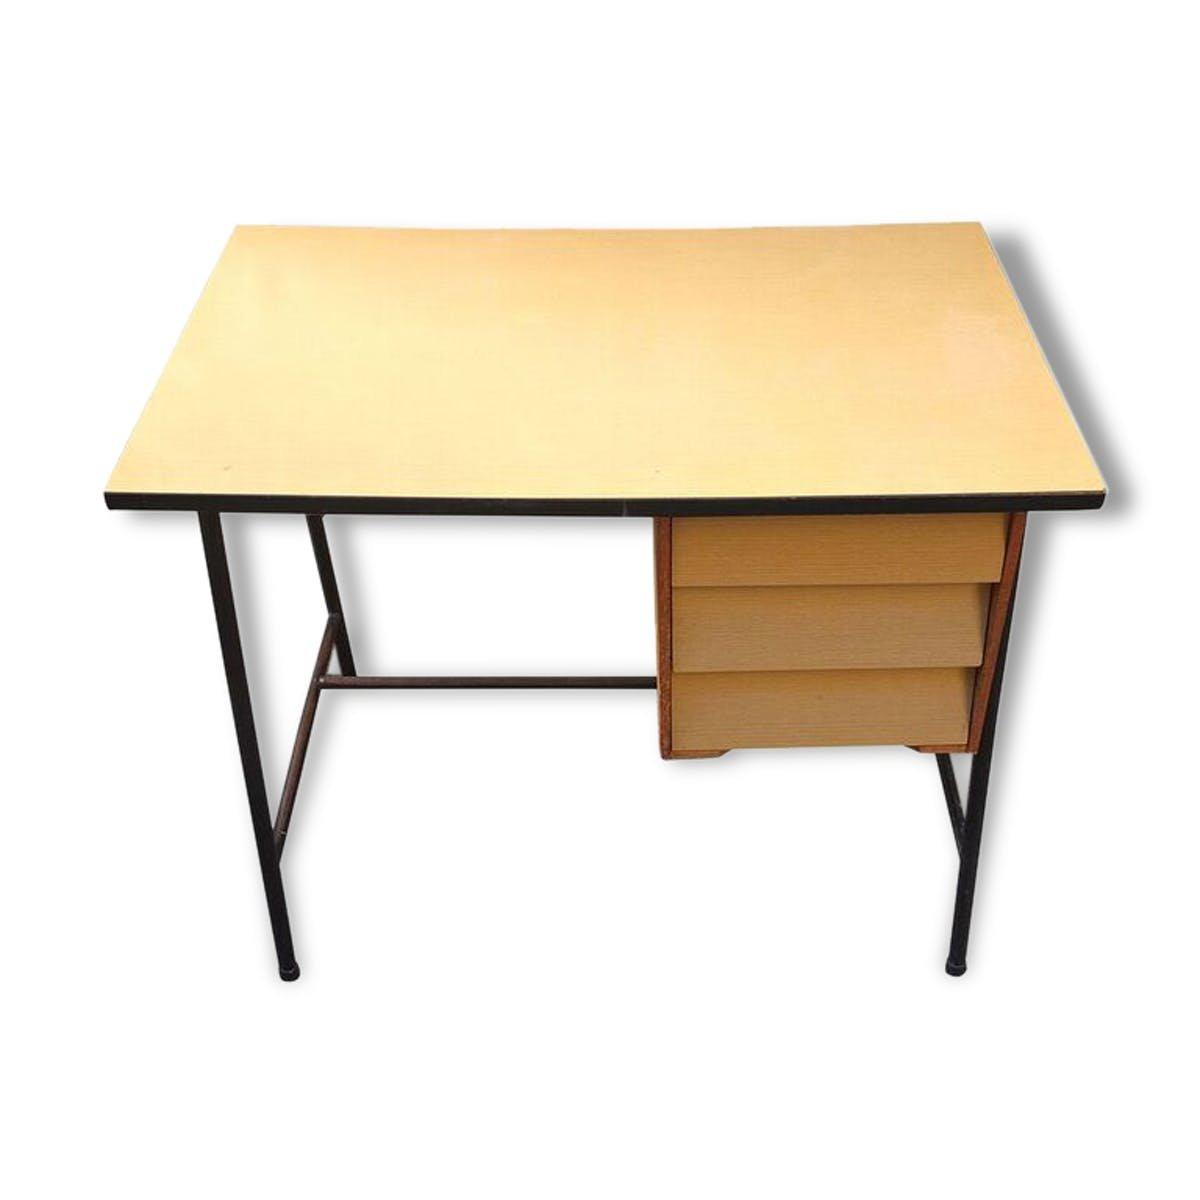 vintage metall birkenholz schreibtisch bei pamono kaufen. Black Bedroom Furniture Sets. Home Design Ideas